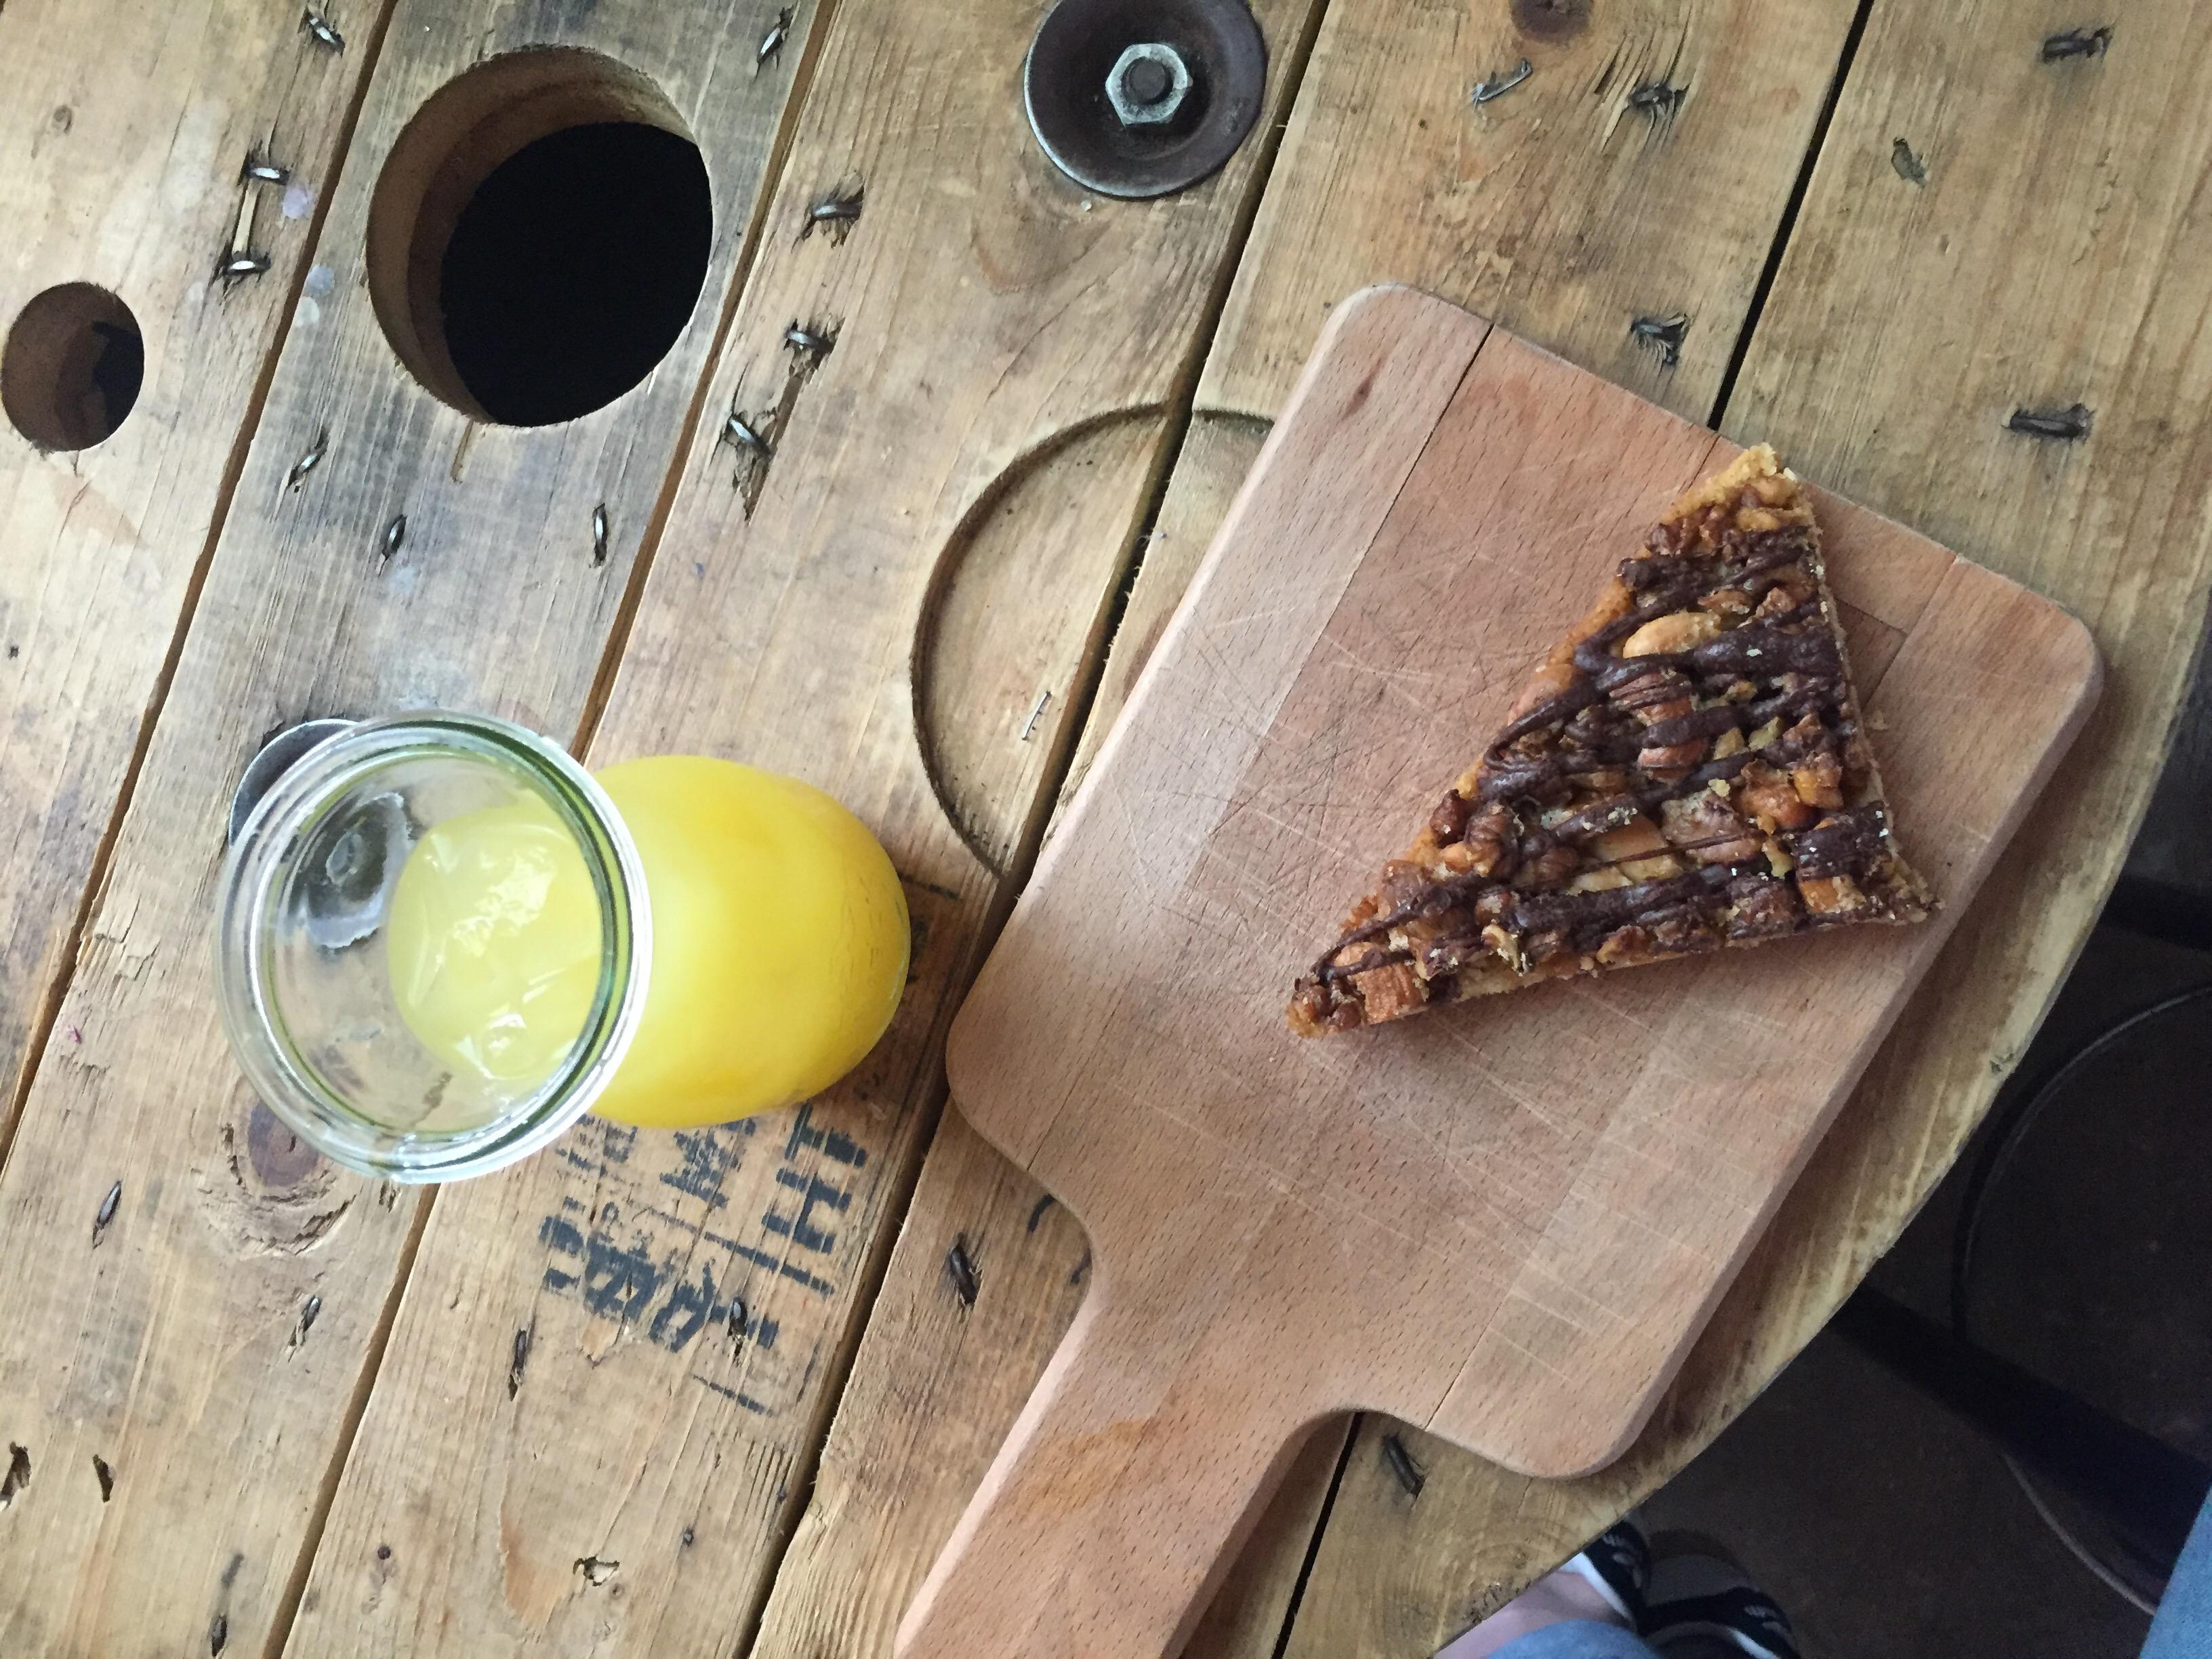 Hommage - Bester Kaffee im Friesenviertel